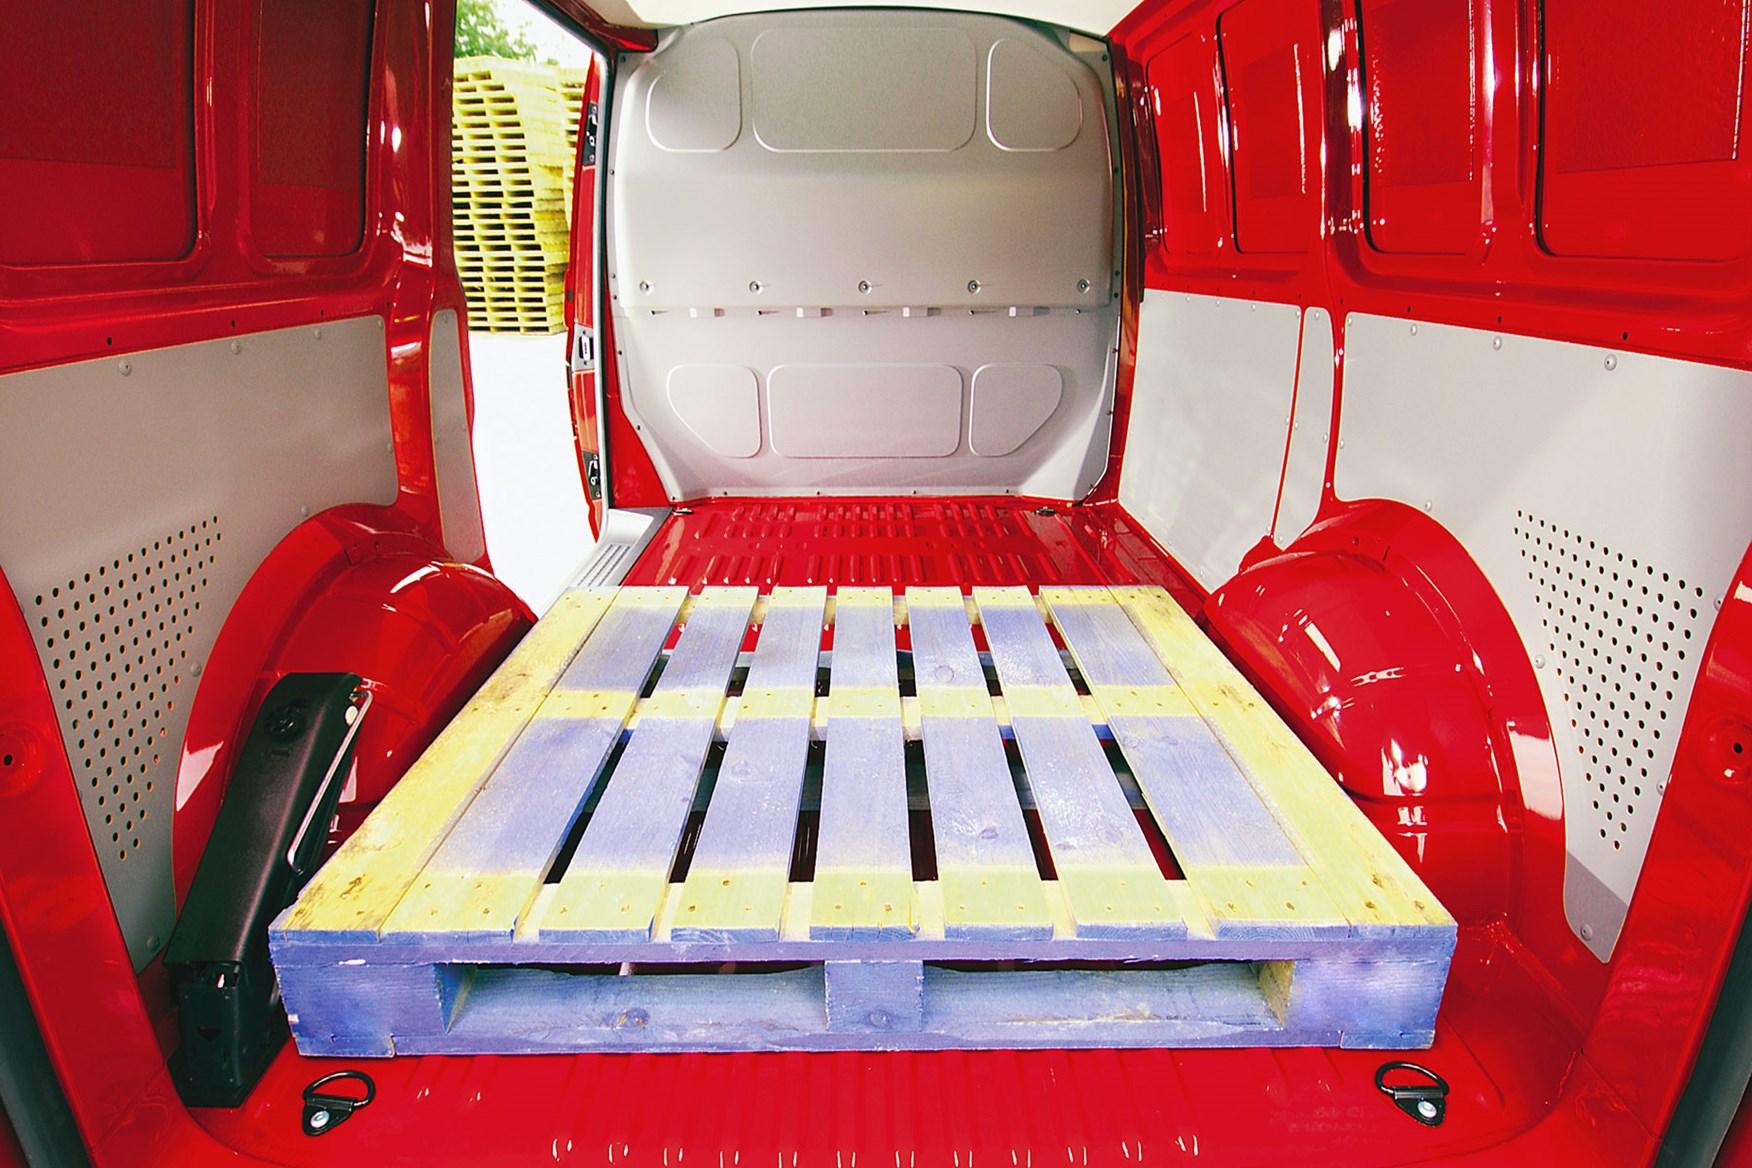 VW Transporter T5 (2003-2010) rear load space